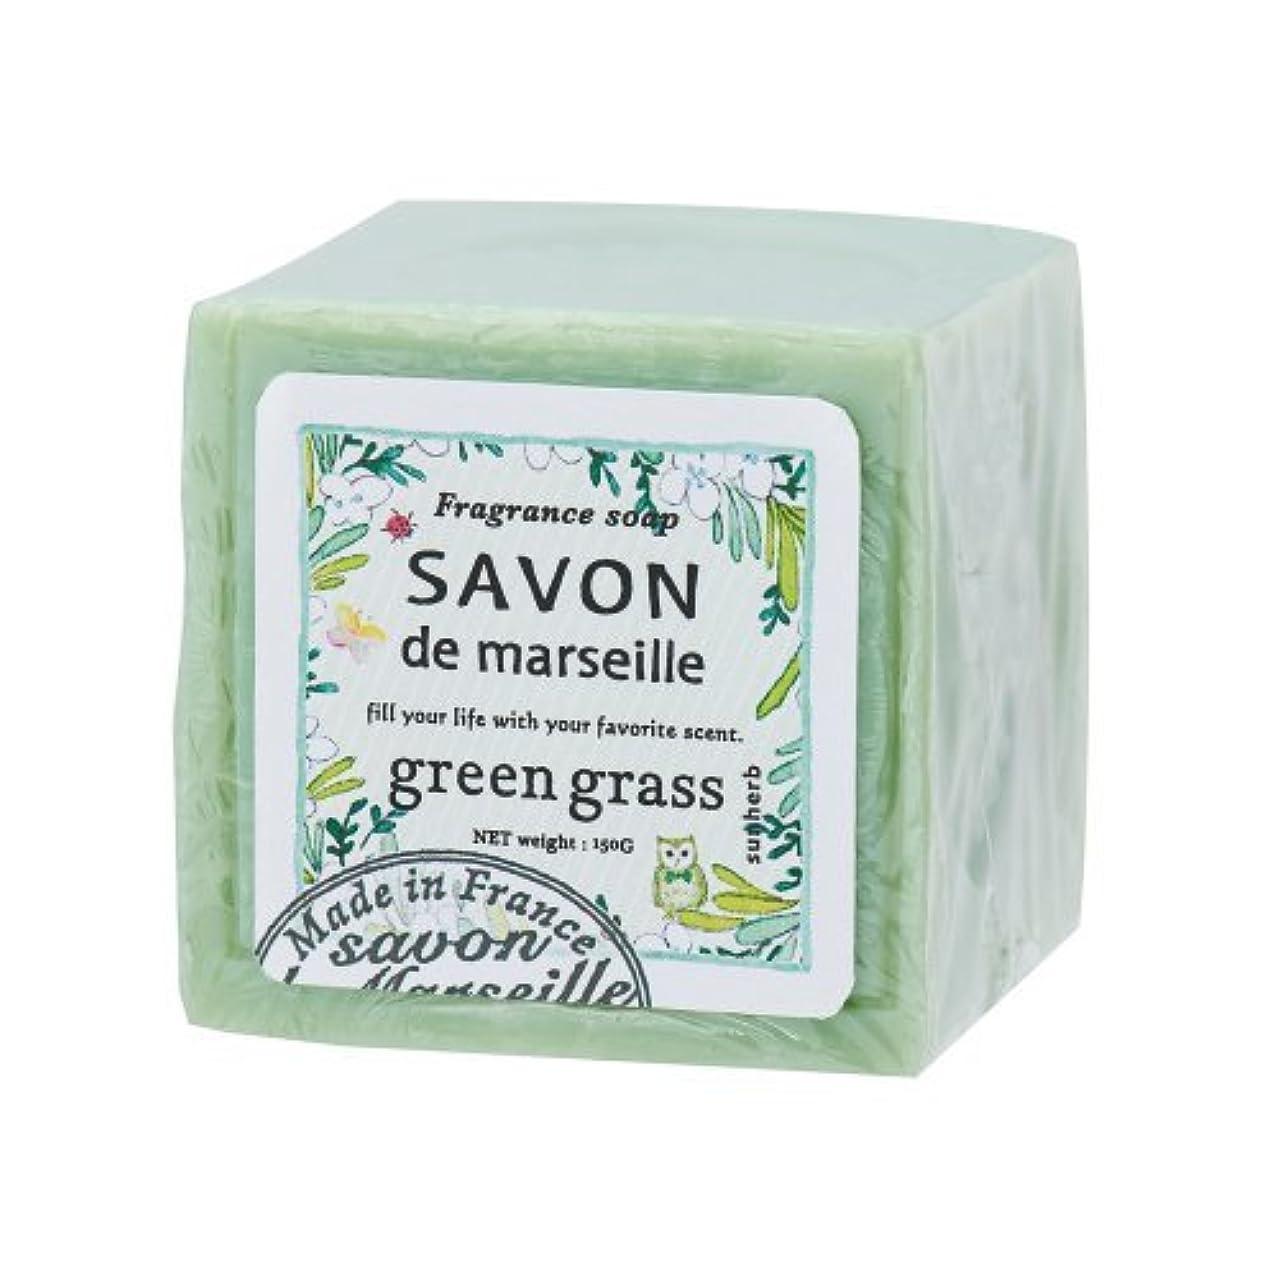 勤勉内側栄養サンハーブ マルセイユ石けん グリーングラス 150g(全身用洗浄料 ソープ フランス製 爽やかでちょっと大人の香り)